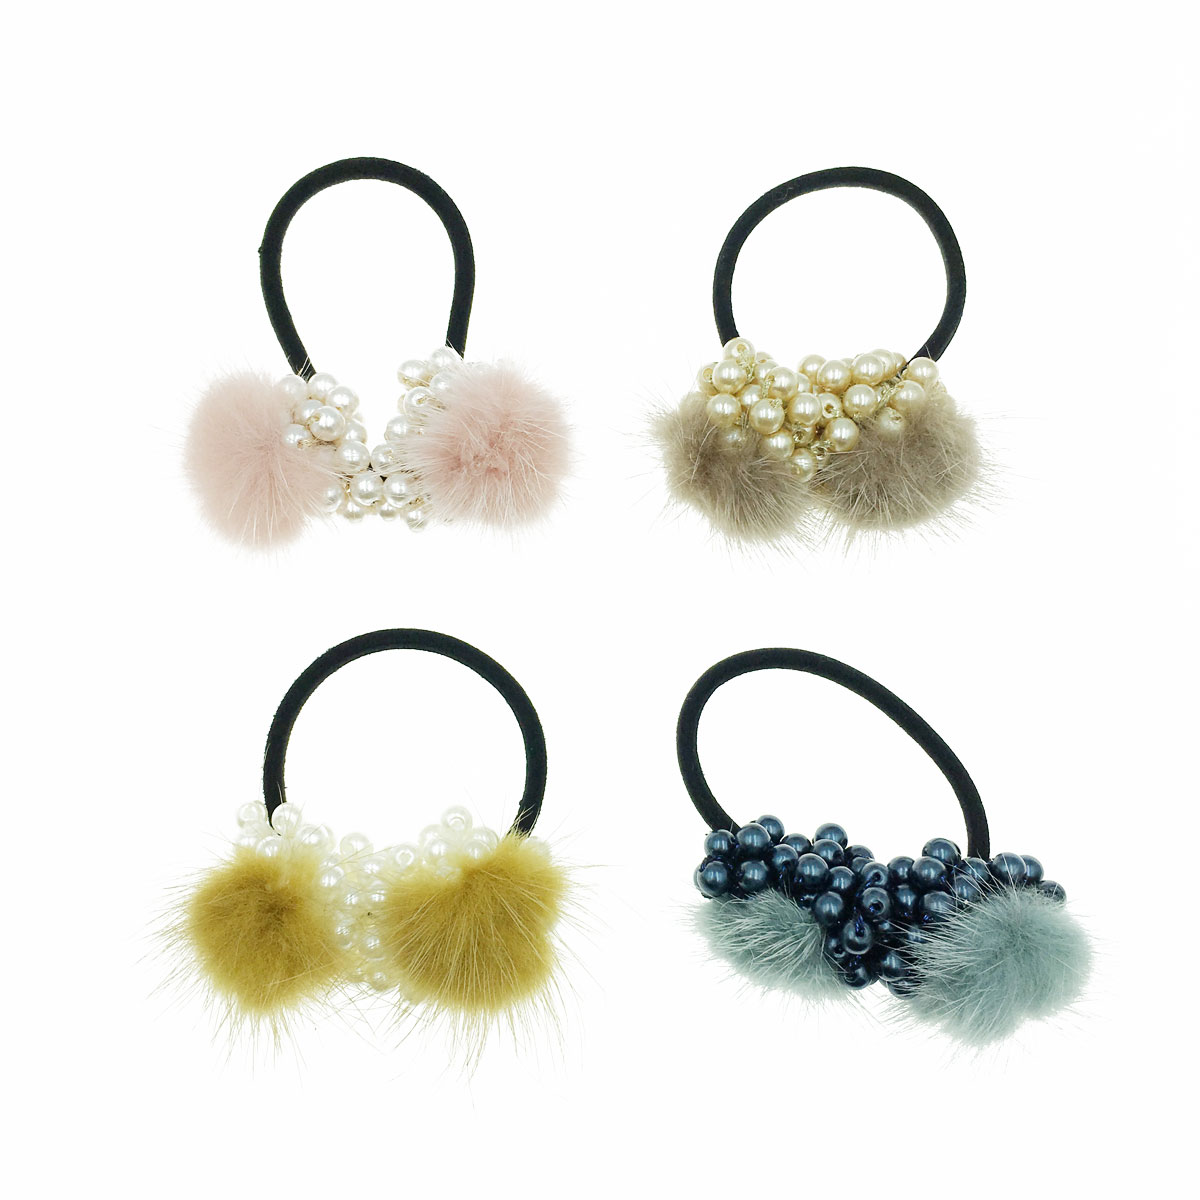 韓國 珍珠 毛毛 同色二入一組 四色 髮圈 髮束 髮飾